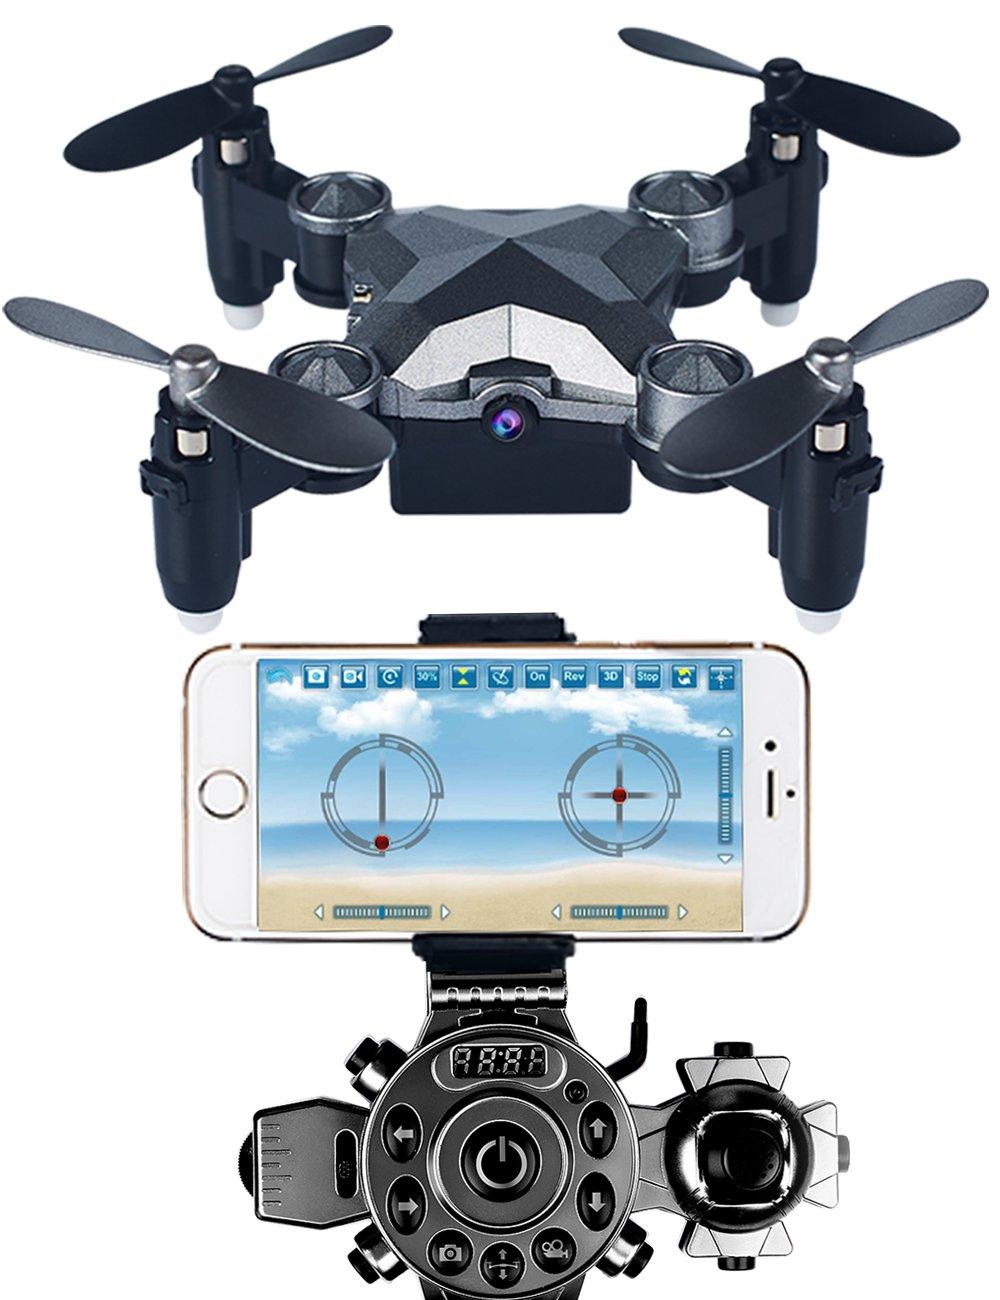 Arvin Mini Drohne, 4CH 4-Achsen-Fernbedienung Hubschrauber Outdoor Mini faltbare RC Quadcopter mit 0.3MP WIFI FPV Kamera und 2.4G Frequenz Uhr Controller, Halloween Geschenke und Weihnachtsgeschenke